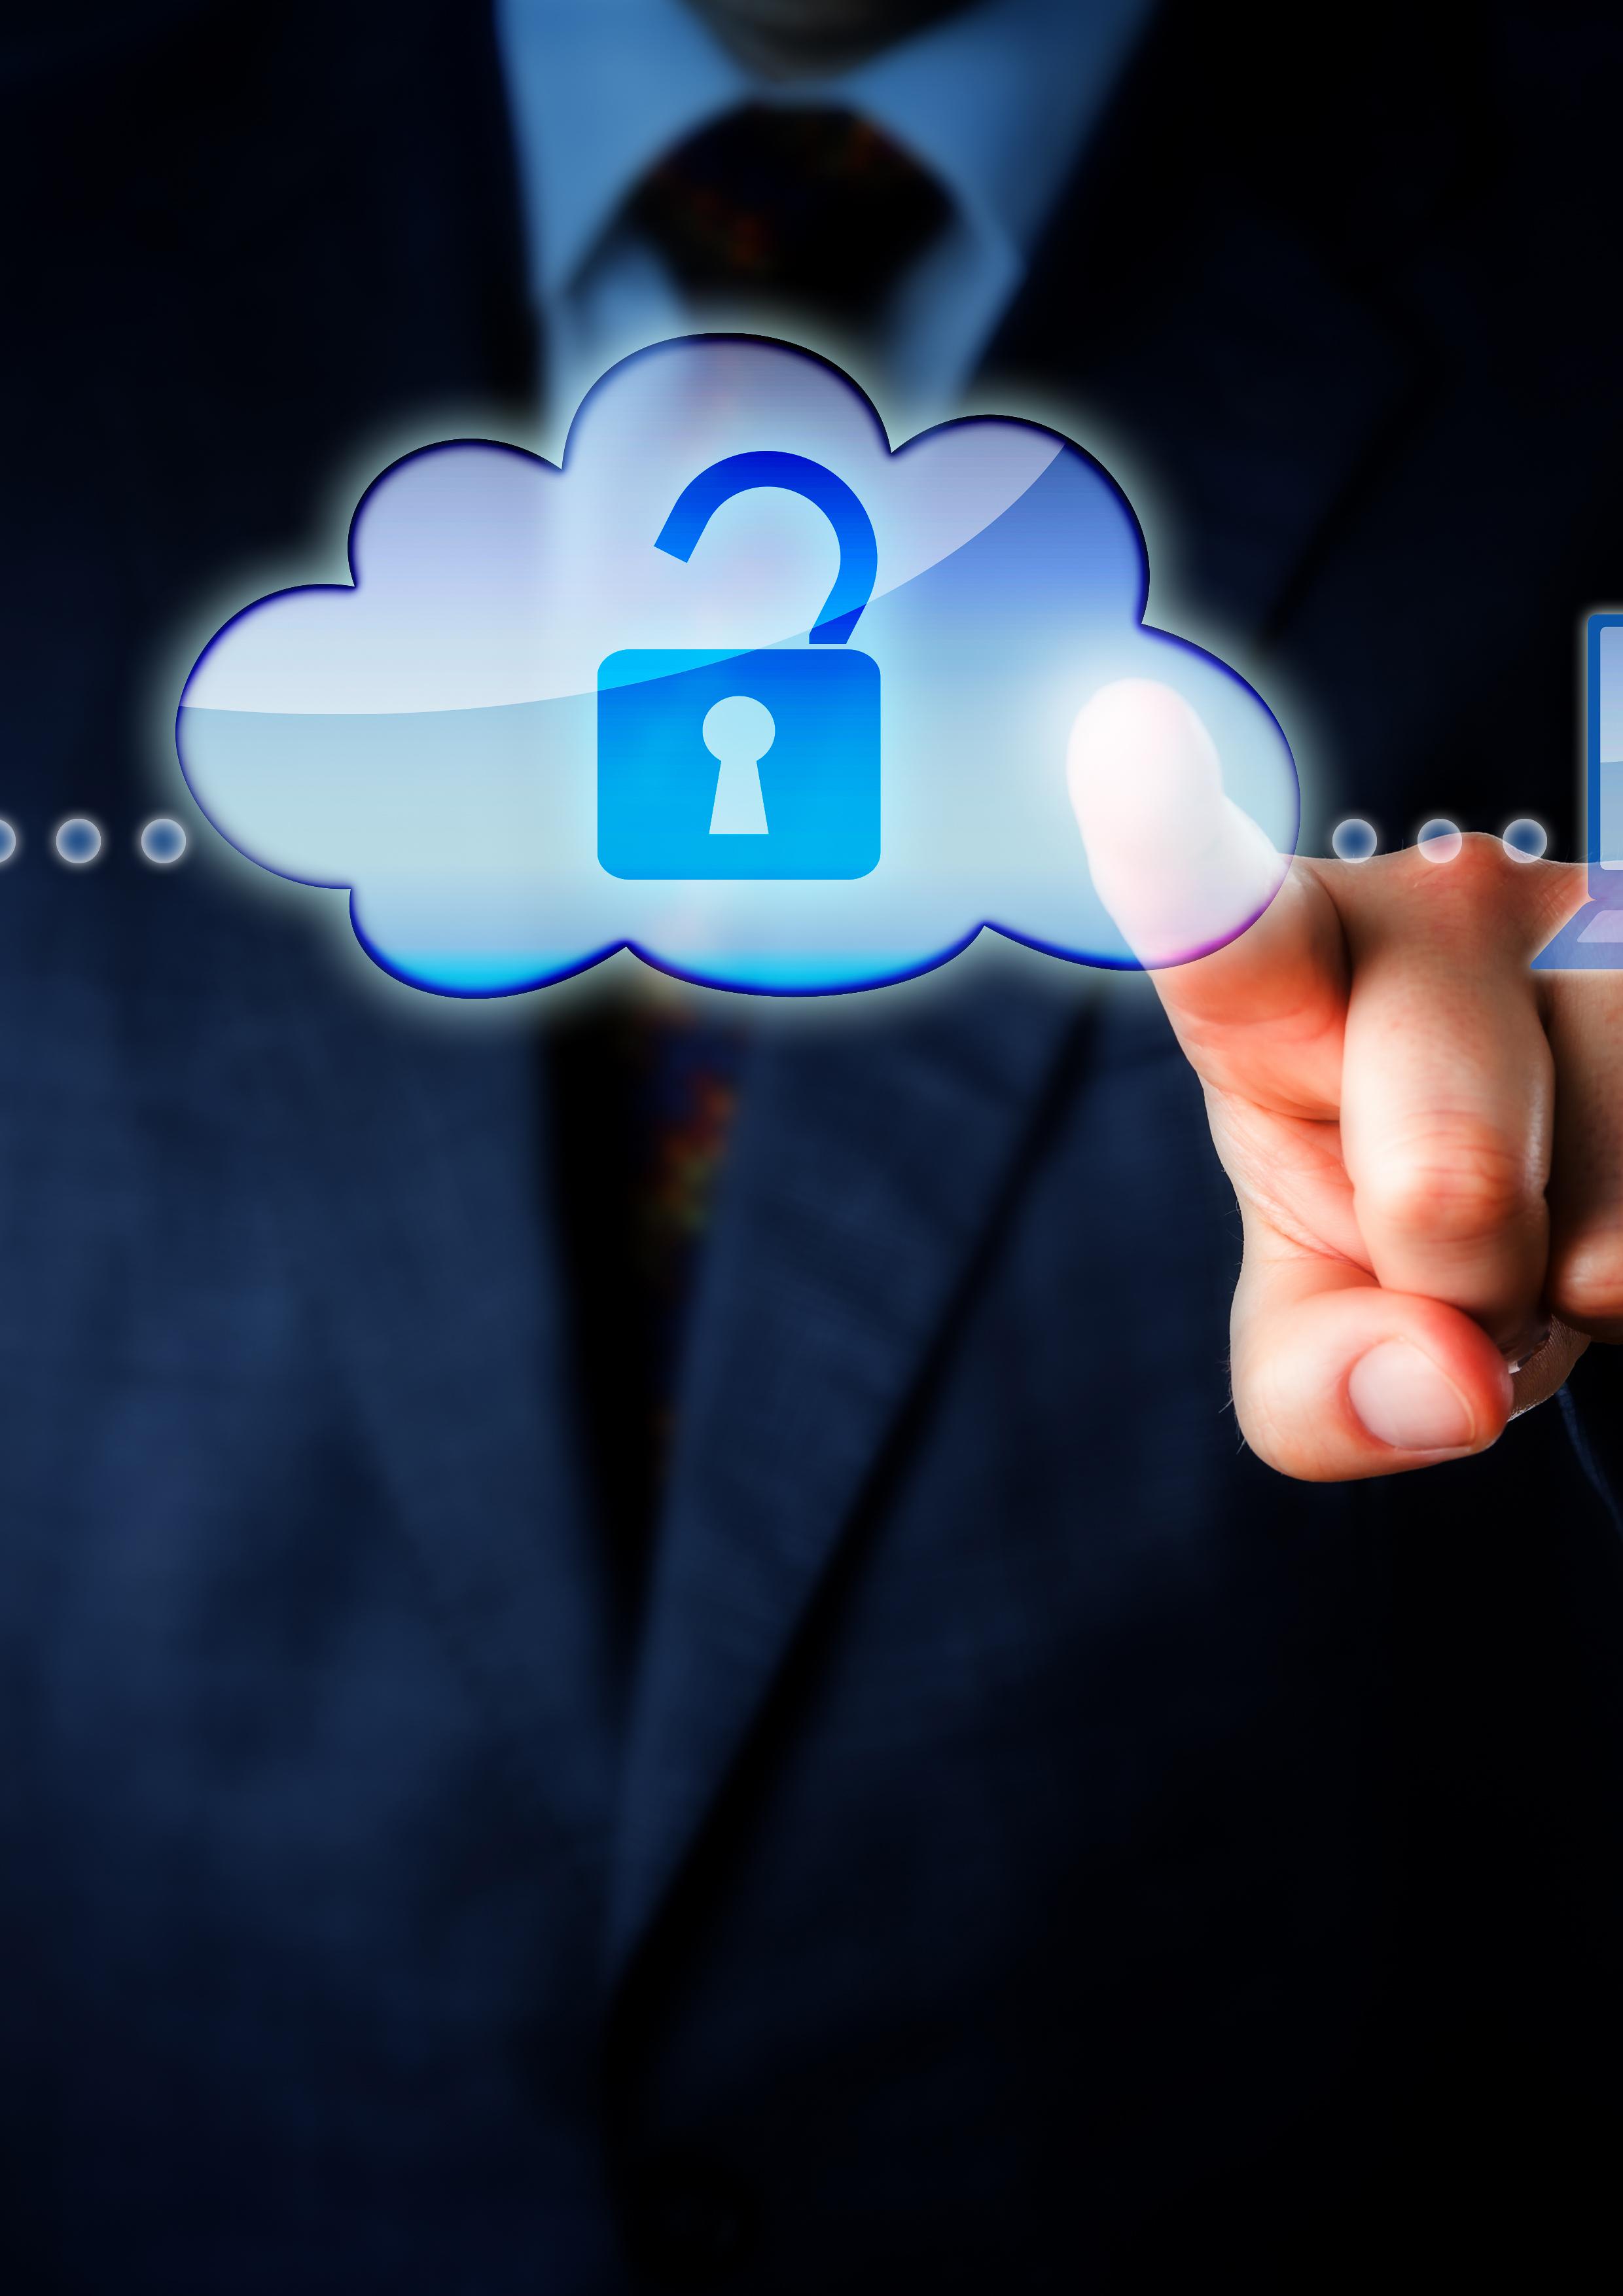 نظم تكنولوجيا المعلومات: إدارة حساب المستخدم وتسجيل الدخول دورات تدريبية - دبي | ميرك